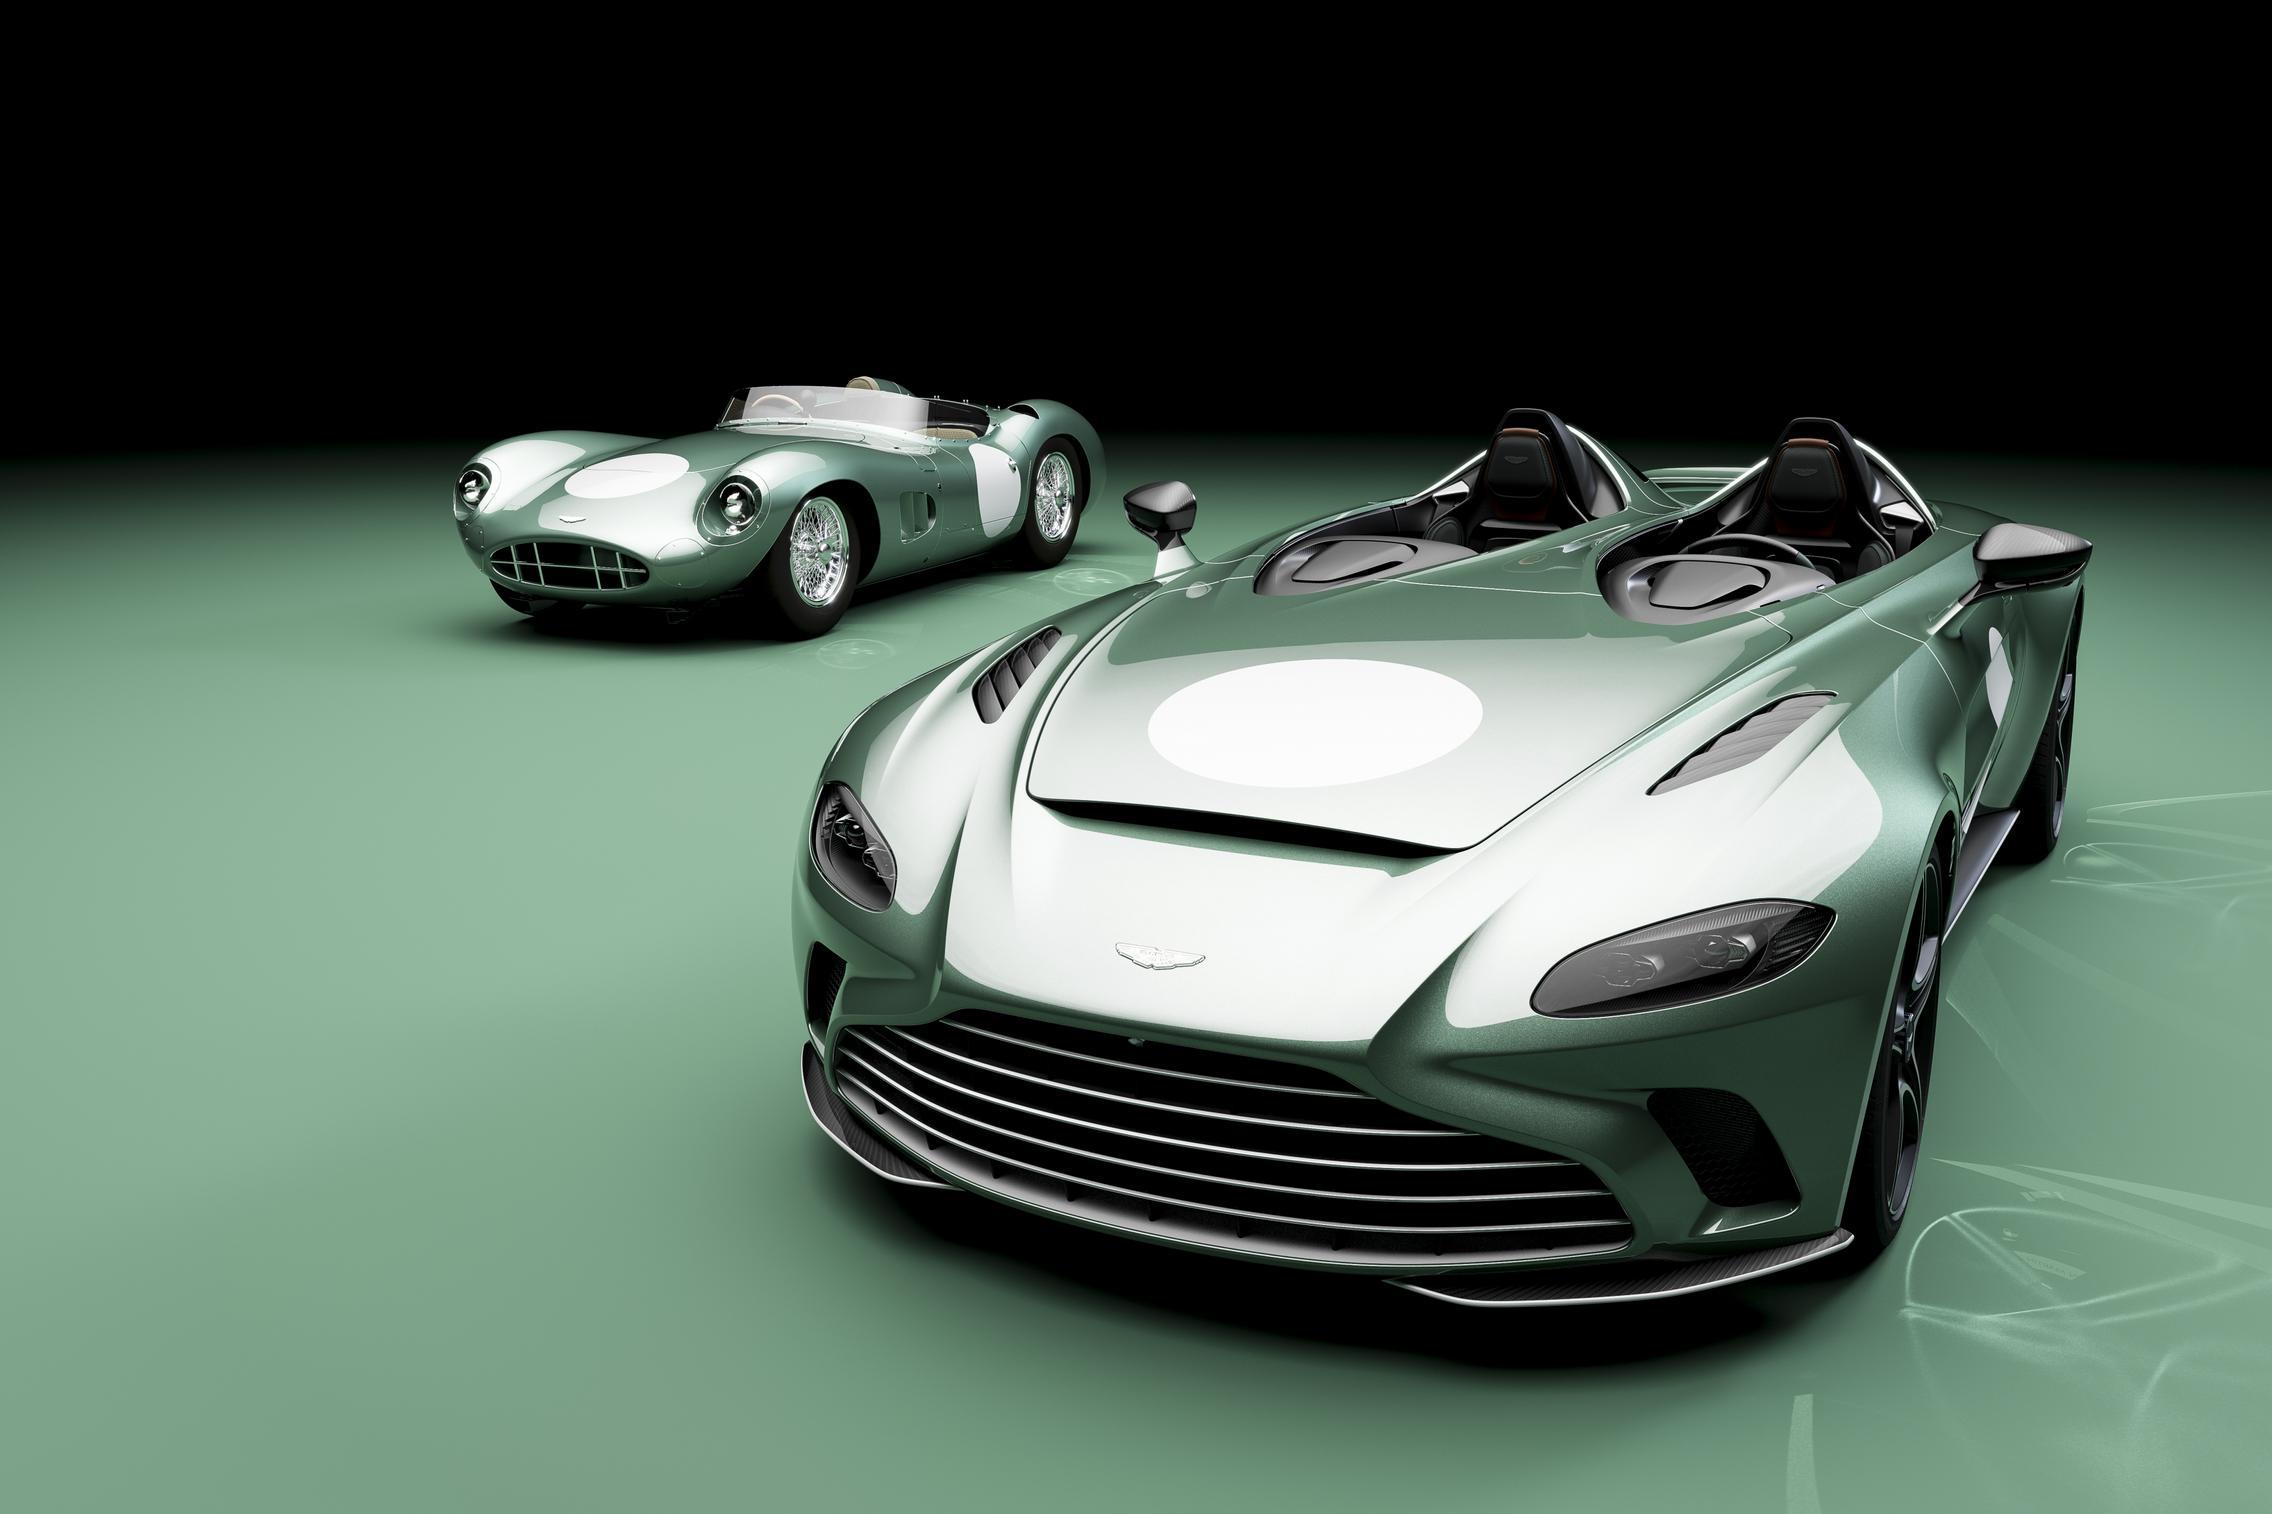 Aston Martin V12 Speedster Green